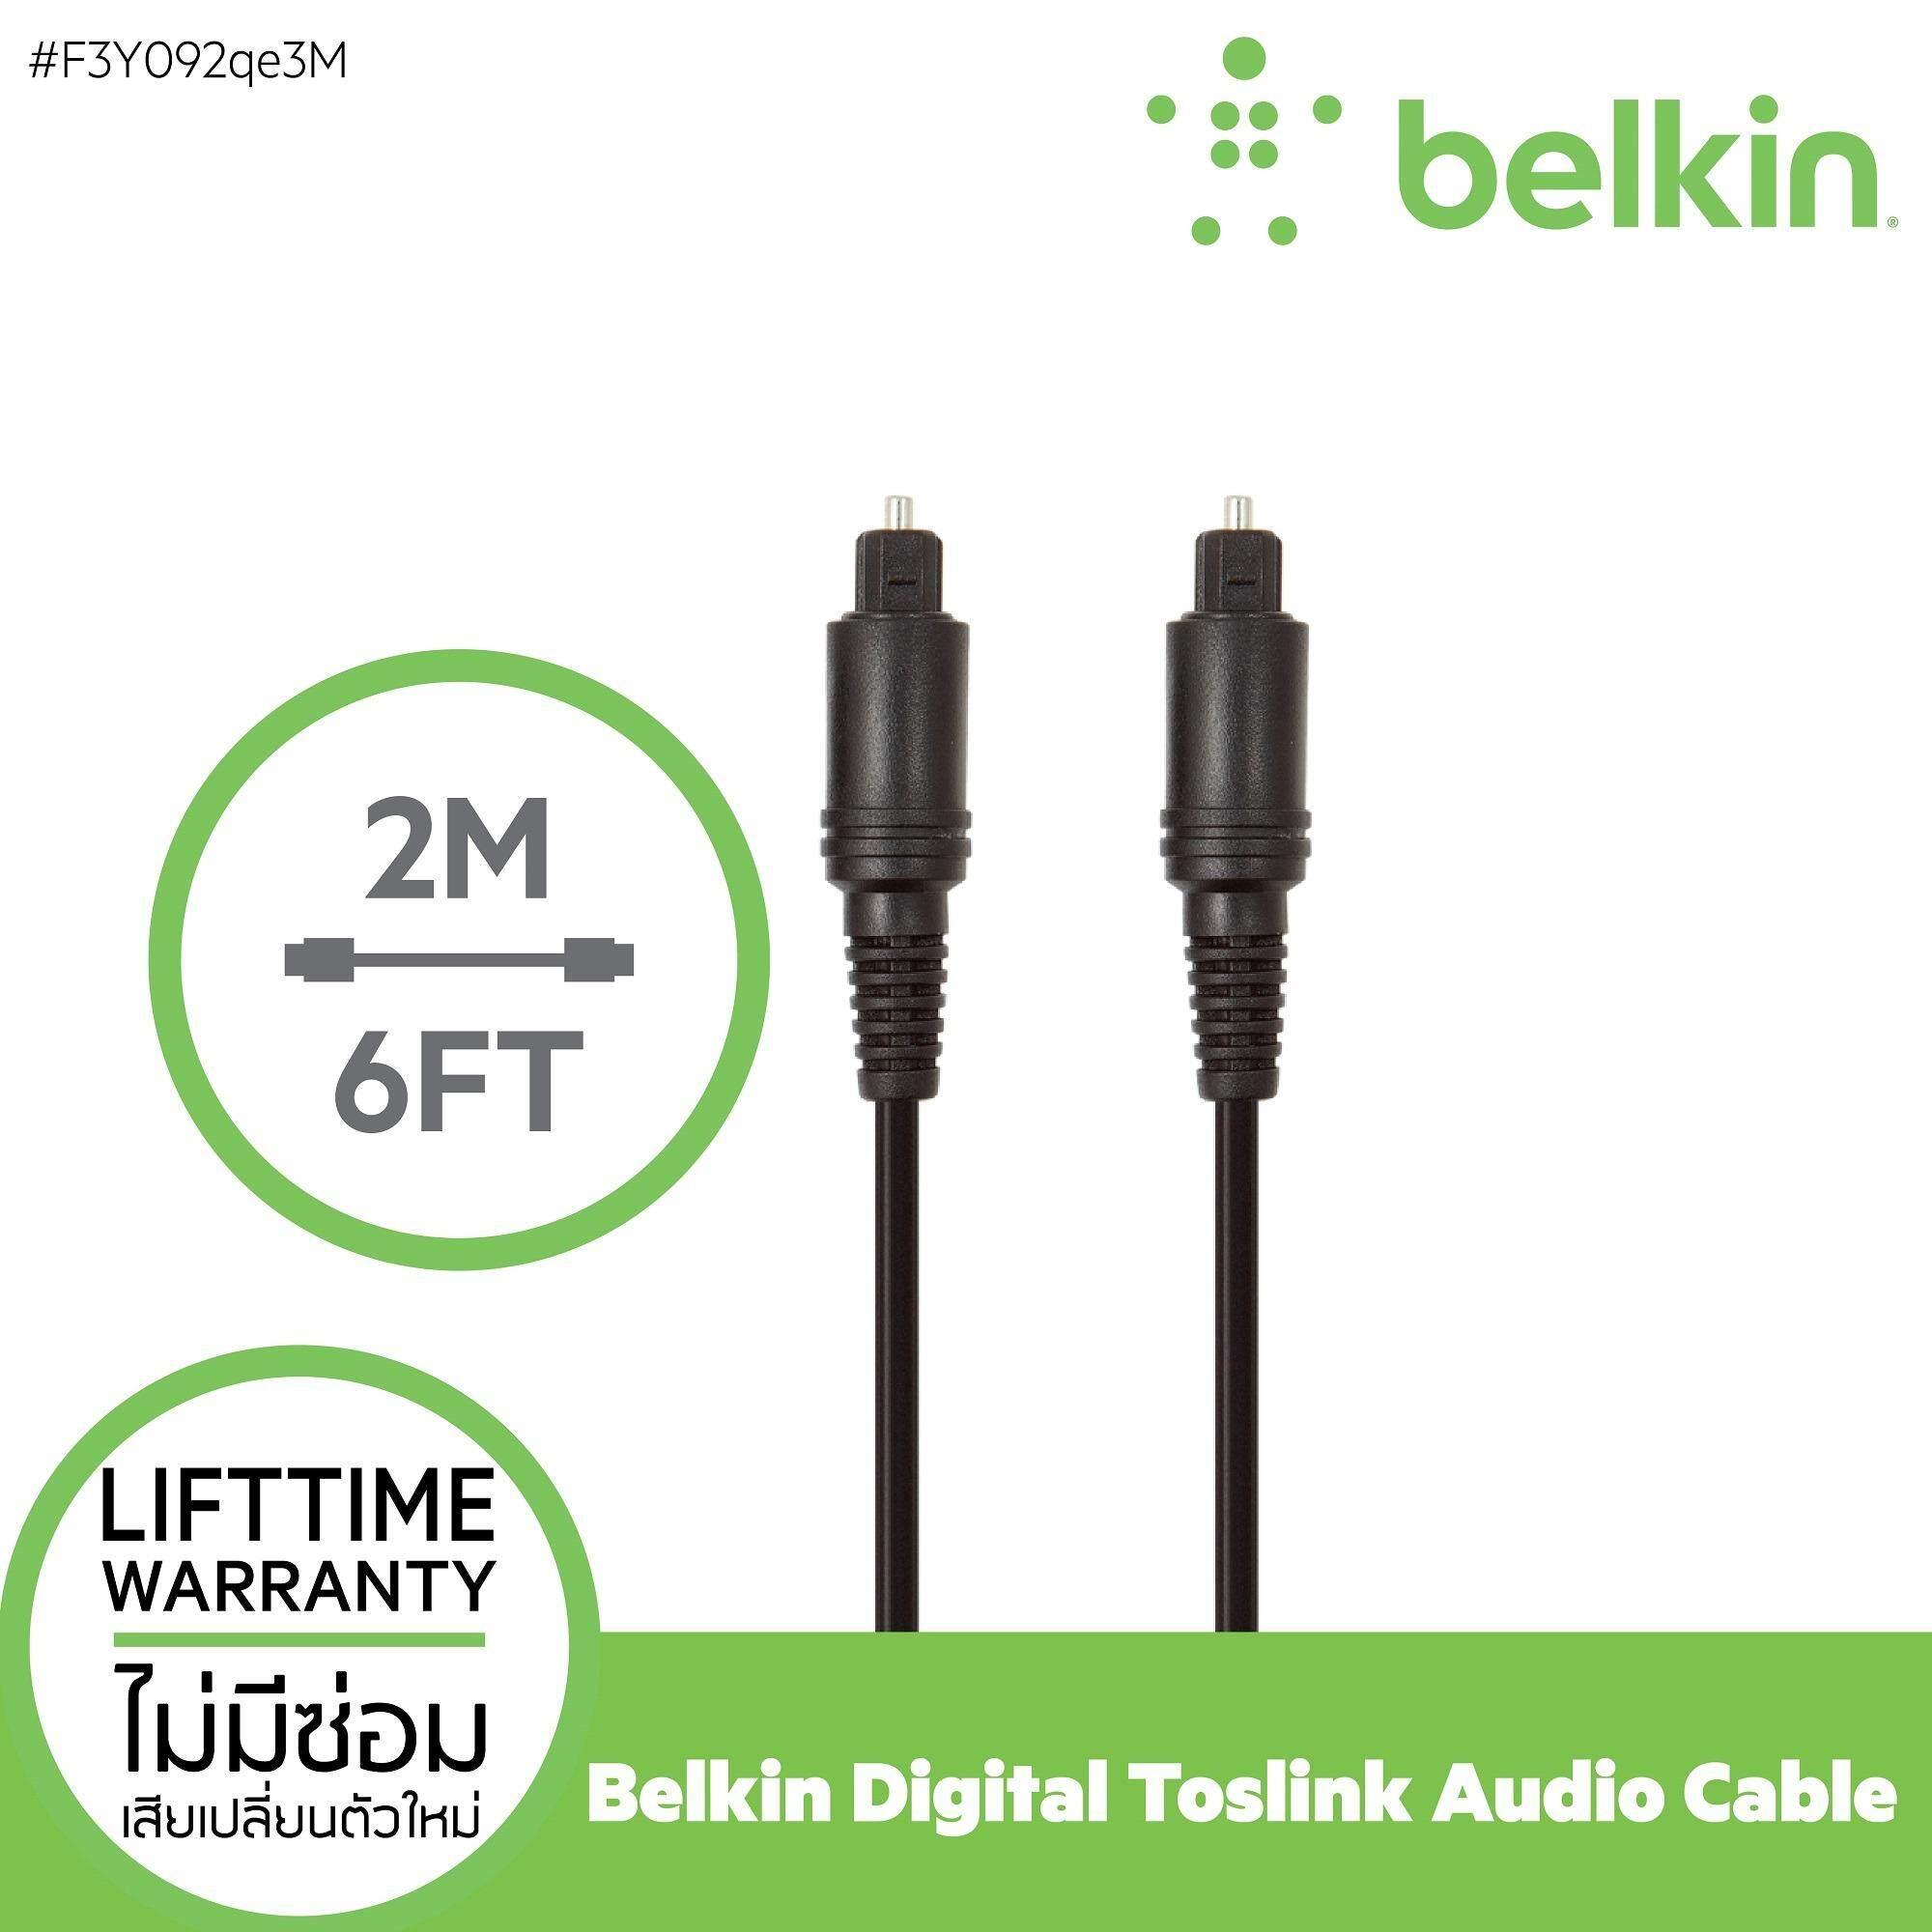 ราคา Belkin สายสัญญาณเสียง รุ่น Belkin Digital Toslink Audio Cable 2M F3Y092Qe2M ใหม่ล่าสุด